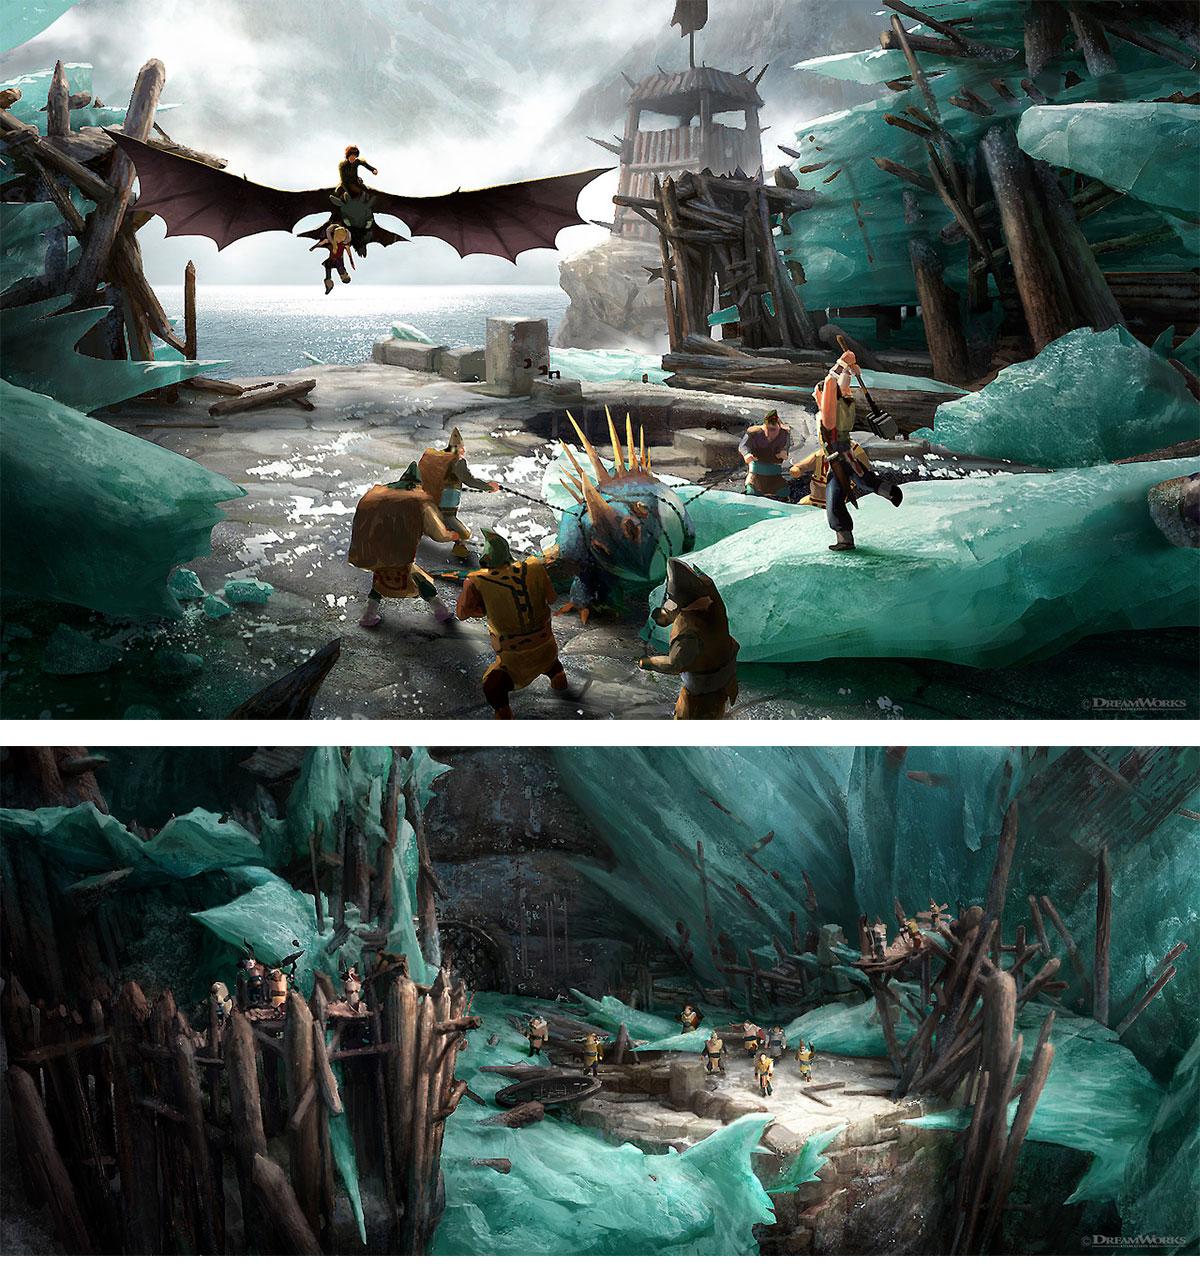 Les travaux réalisés par les artistes sur Dragons - Page 2 Hhtyd2_woonyoung_5